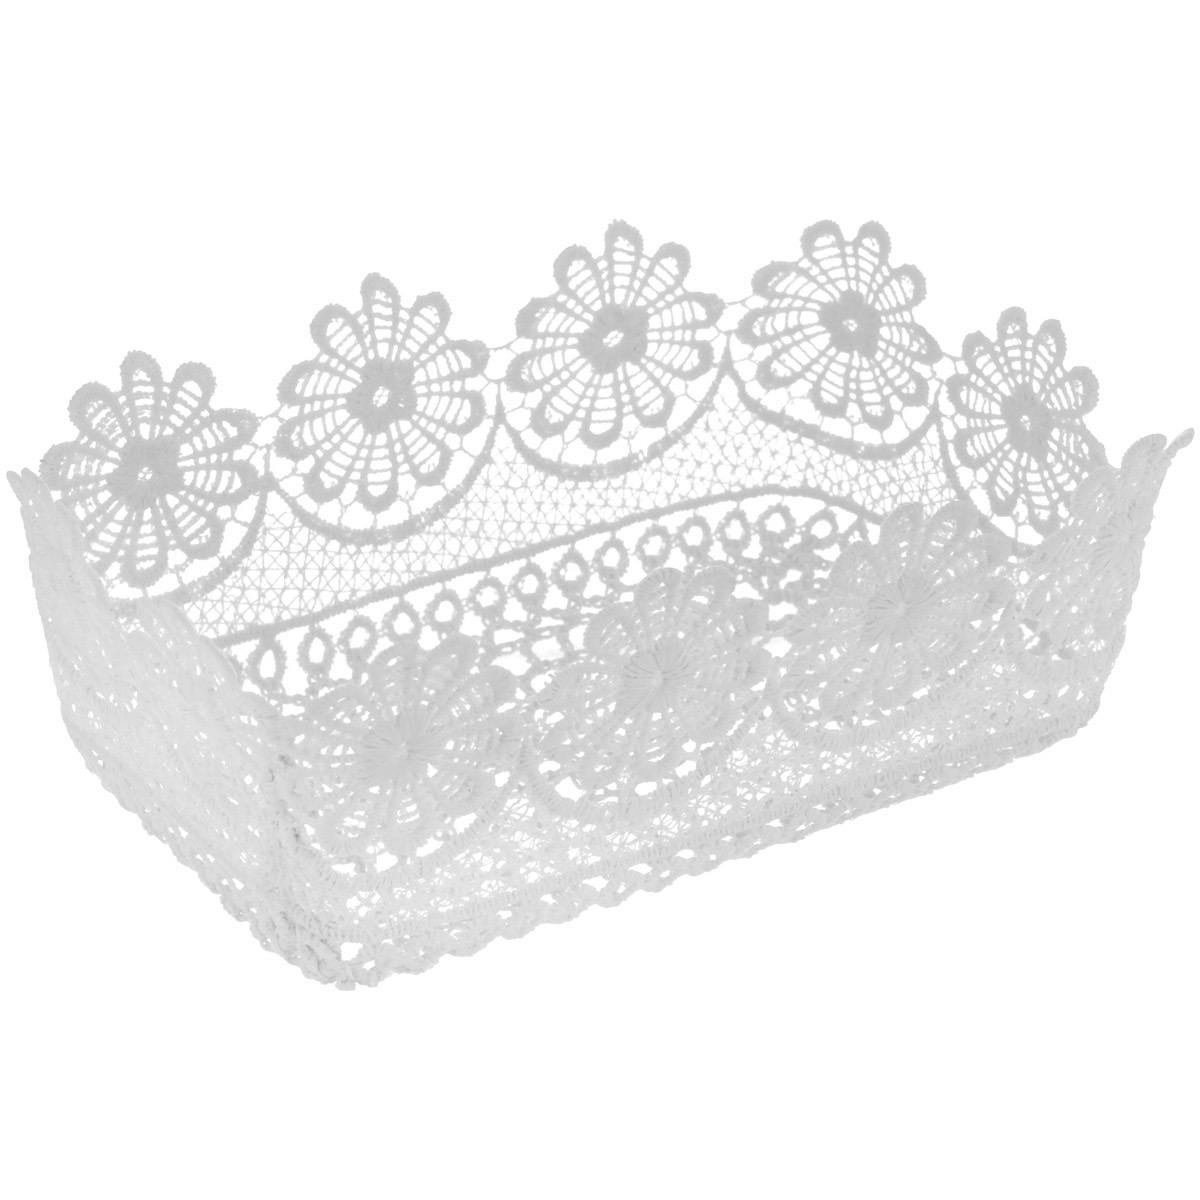 Корзинка Home Queen Ромашки, цвет: белый, 20,5 х 13 х 7,5 смC0038550Прямоугольная корзинка Home Queen Ромашки предназначена для украшения интерьера и сервировки стола. Изделие выполнено из полиэстера с красивым плетением в виде цветочных узоров, имеет жесткую форму. Такая оригинальная корзинка станет ярким украшением стола. Идеальный вариант для хранения пасхальных яиц, хлеба или конфет.